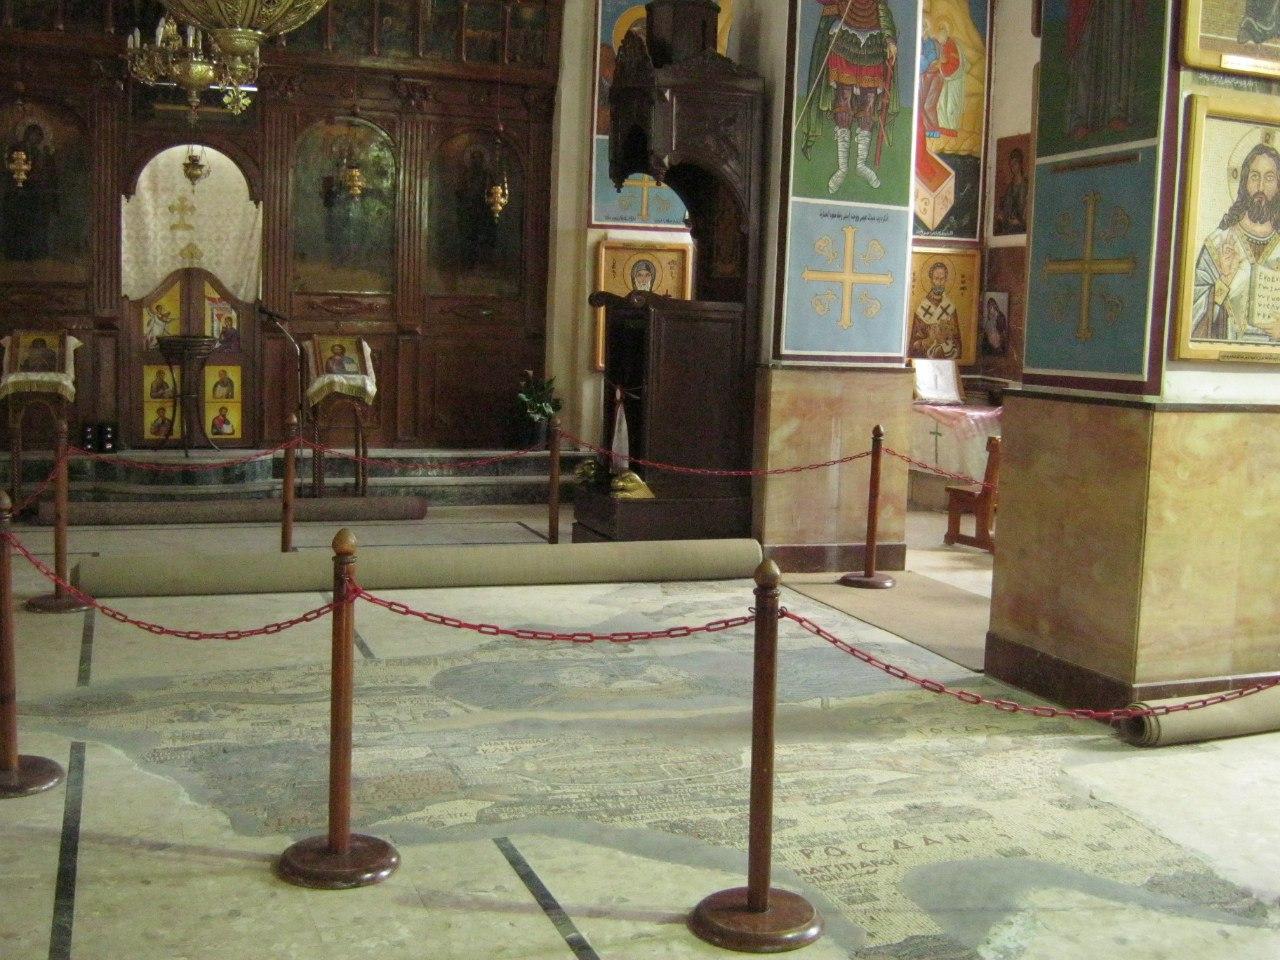 самая известная и посещаемая церковь в Мадабе